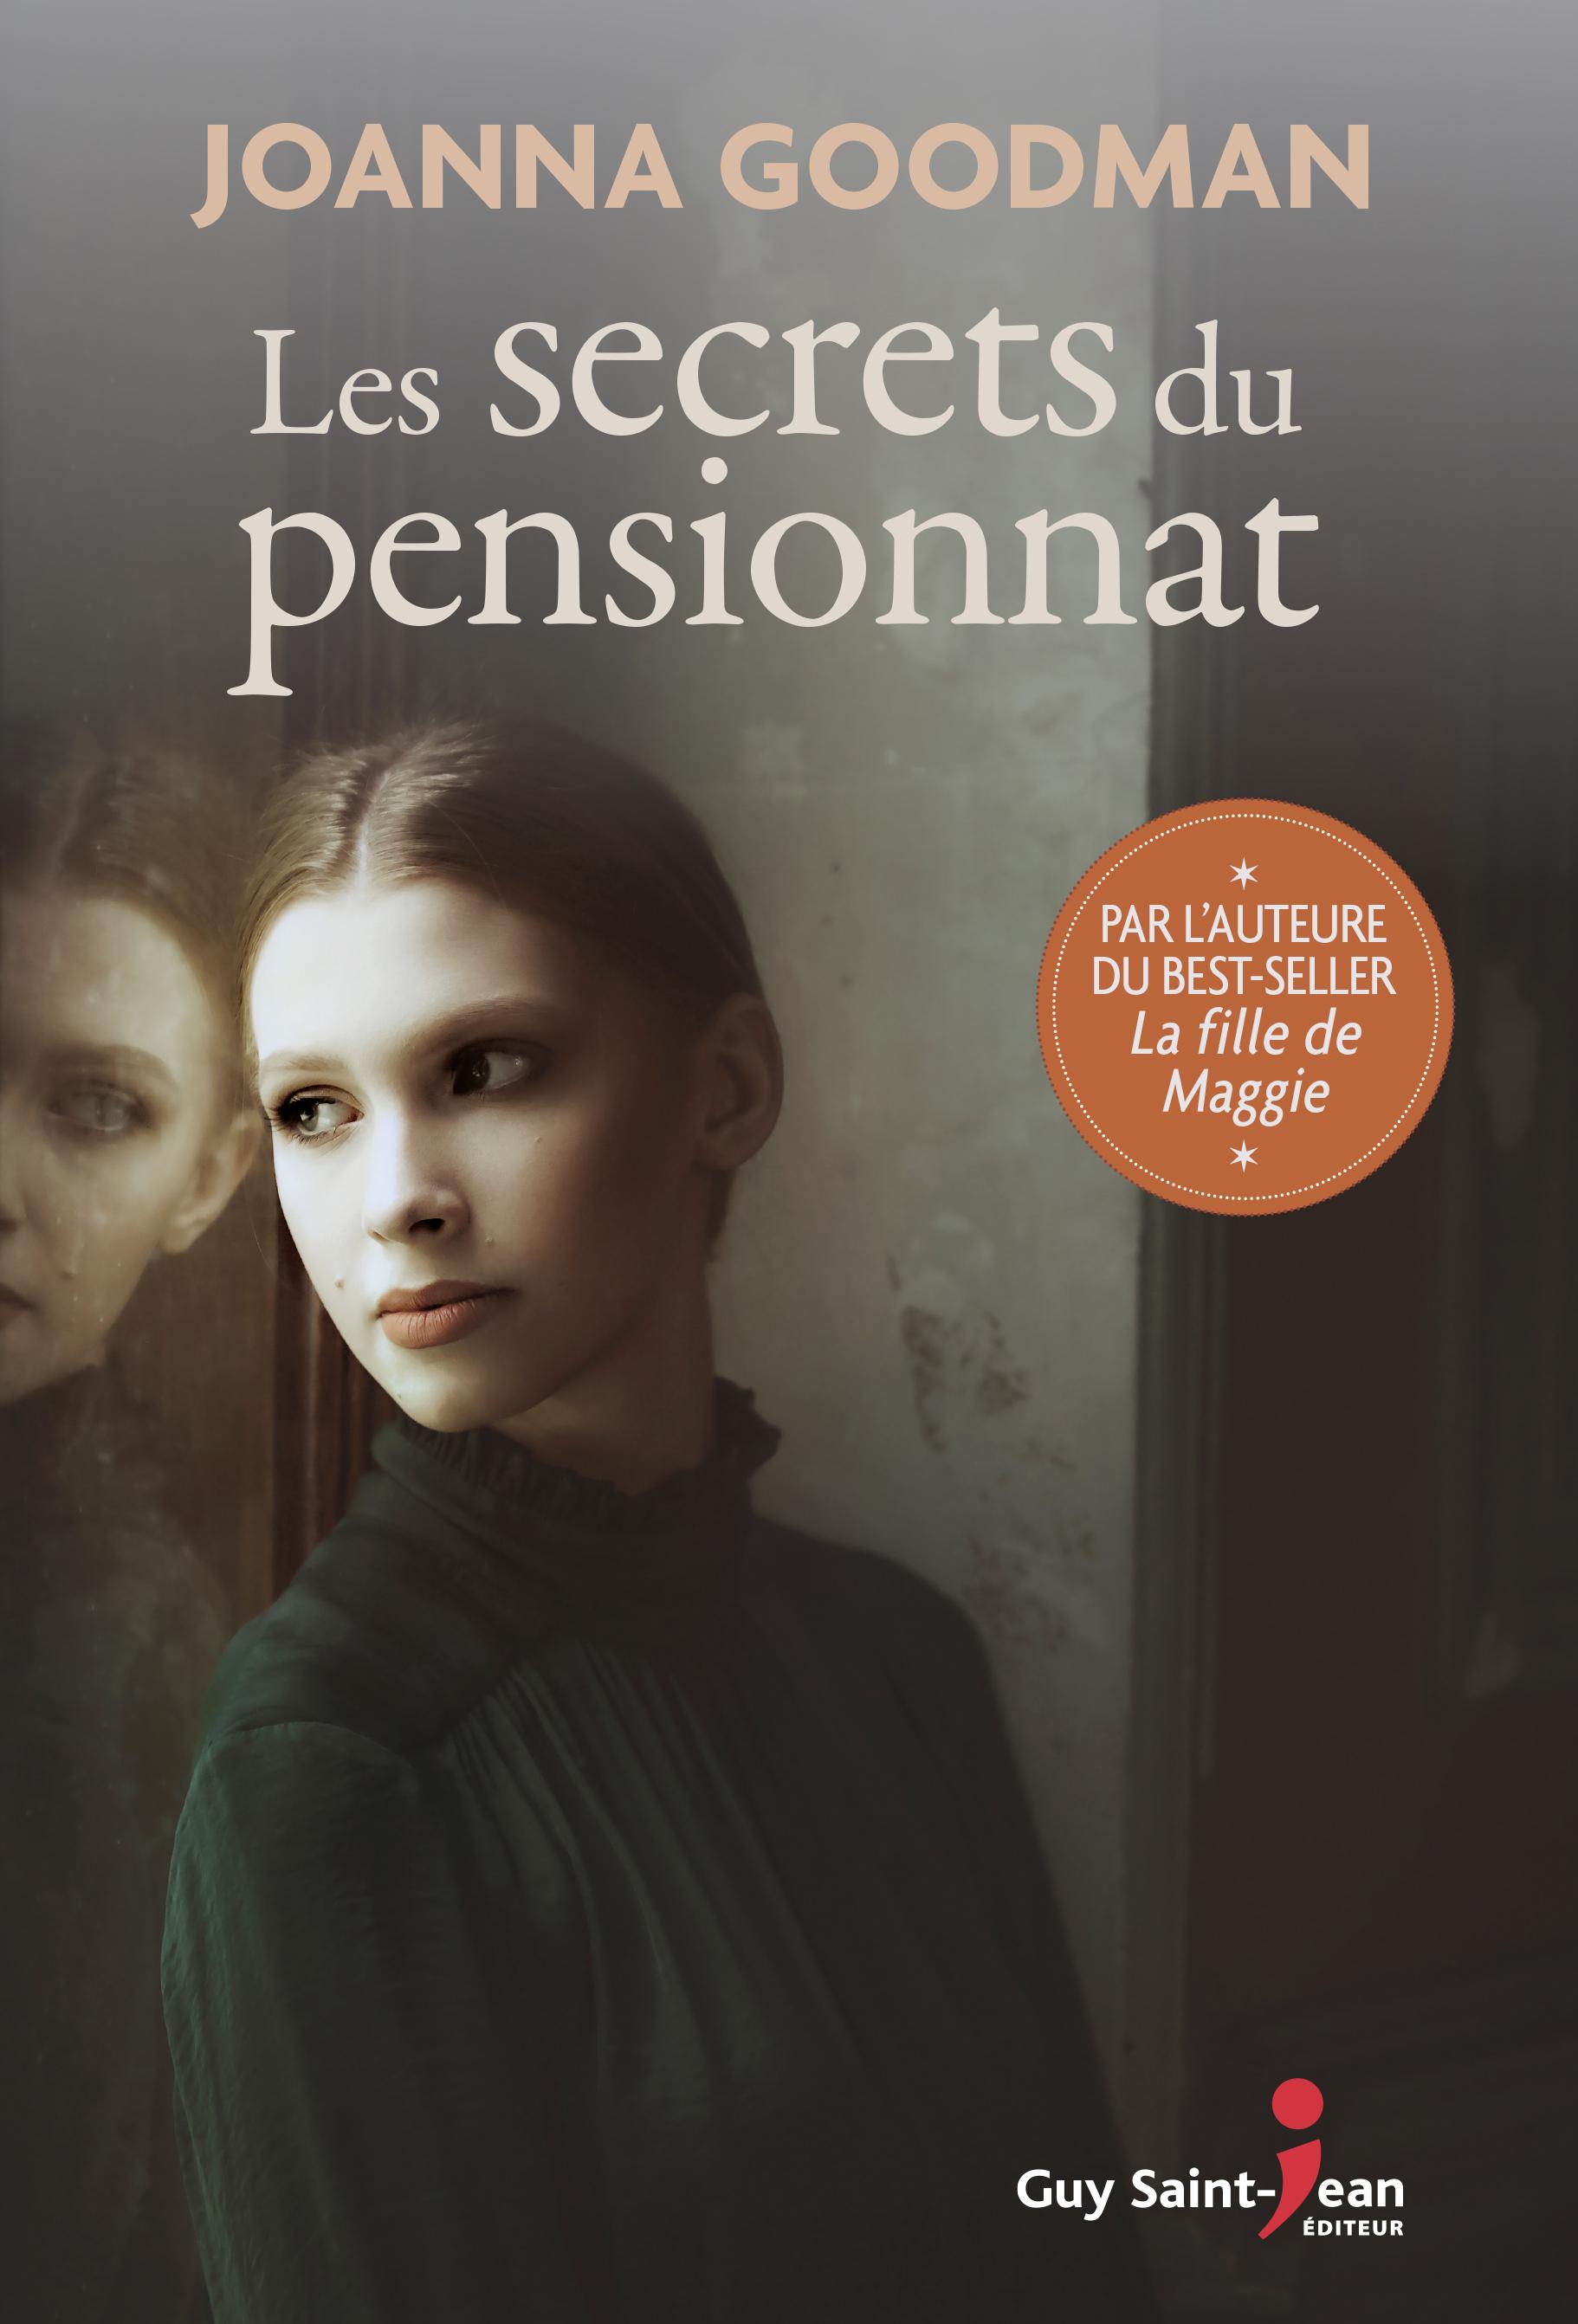 Les secrets du pensionnat